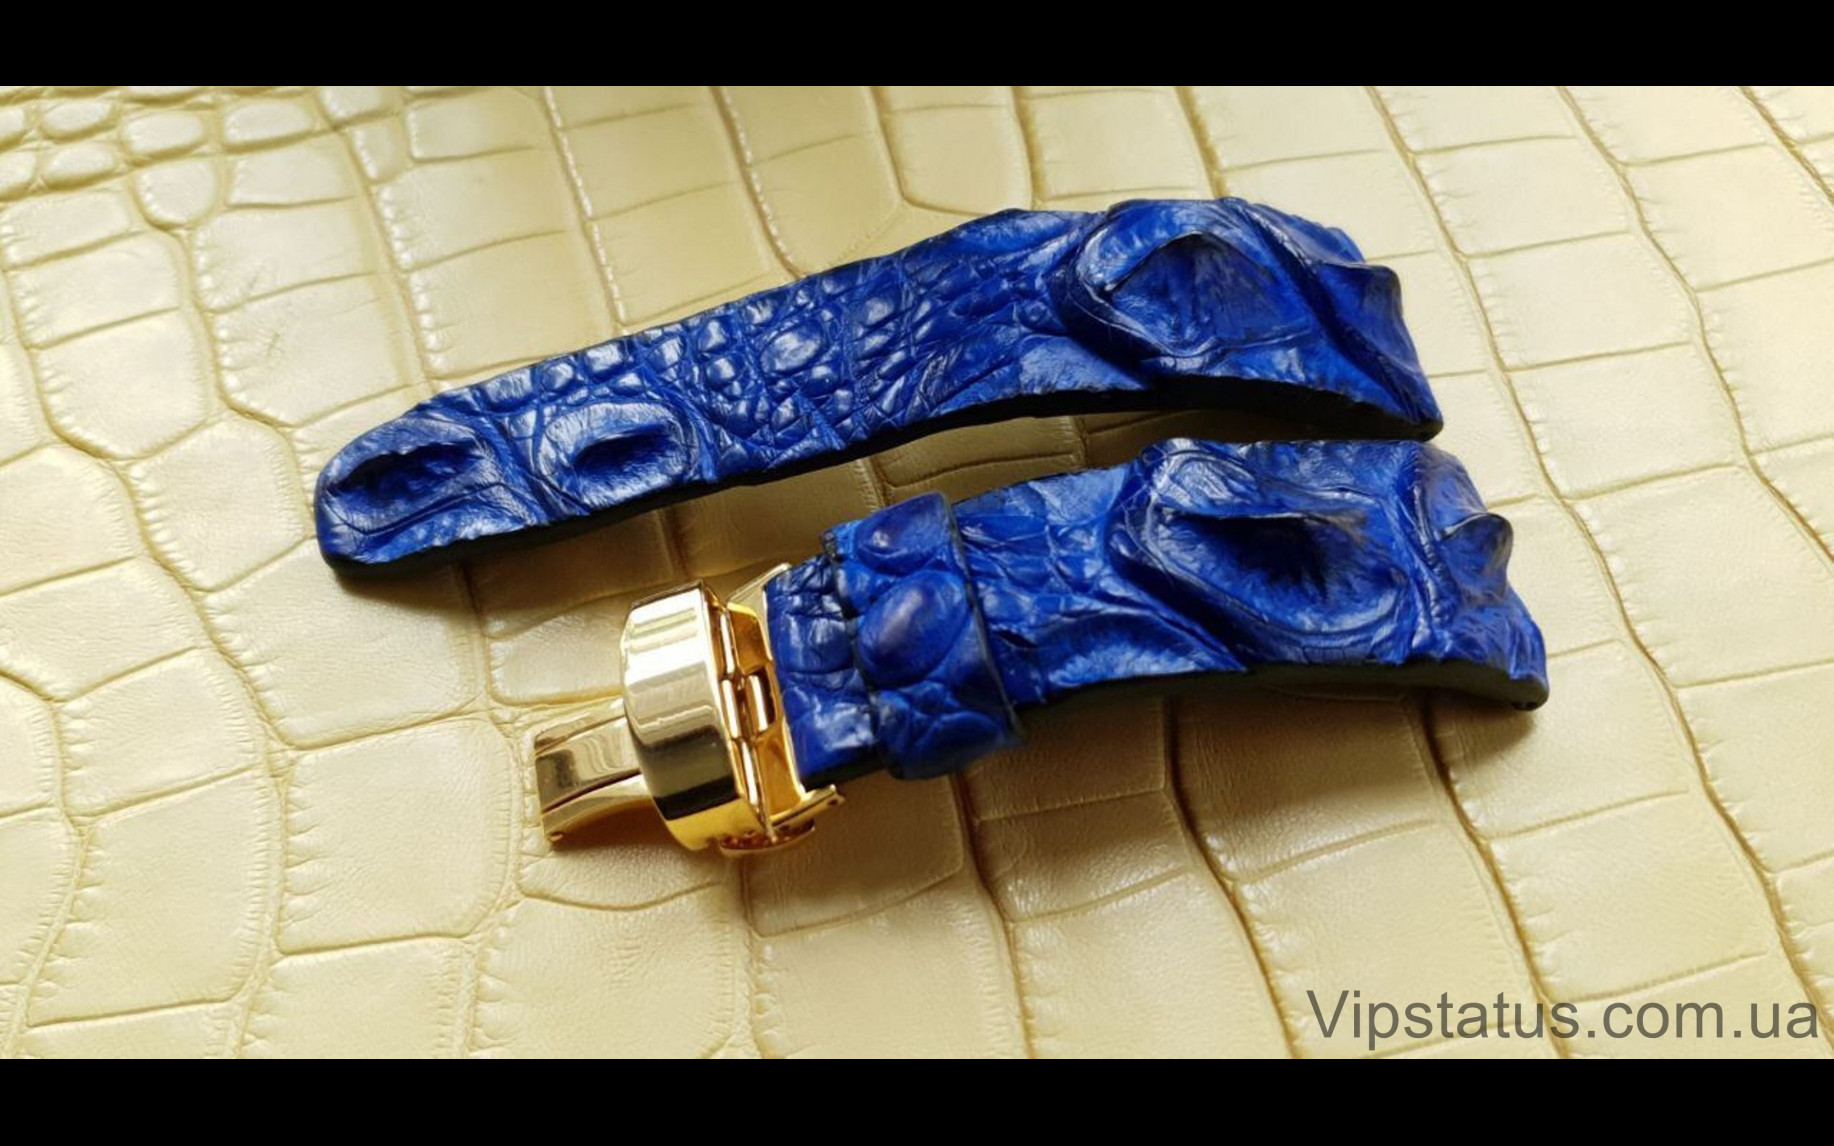 Elite Брутальный ремешок для часов IWC кожа крокодила Brutal Crocodile Strap for IWC watches image 1